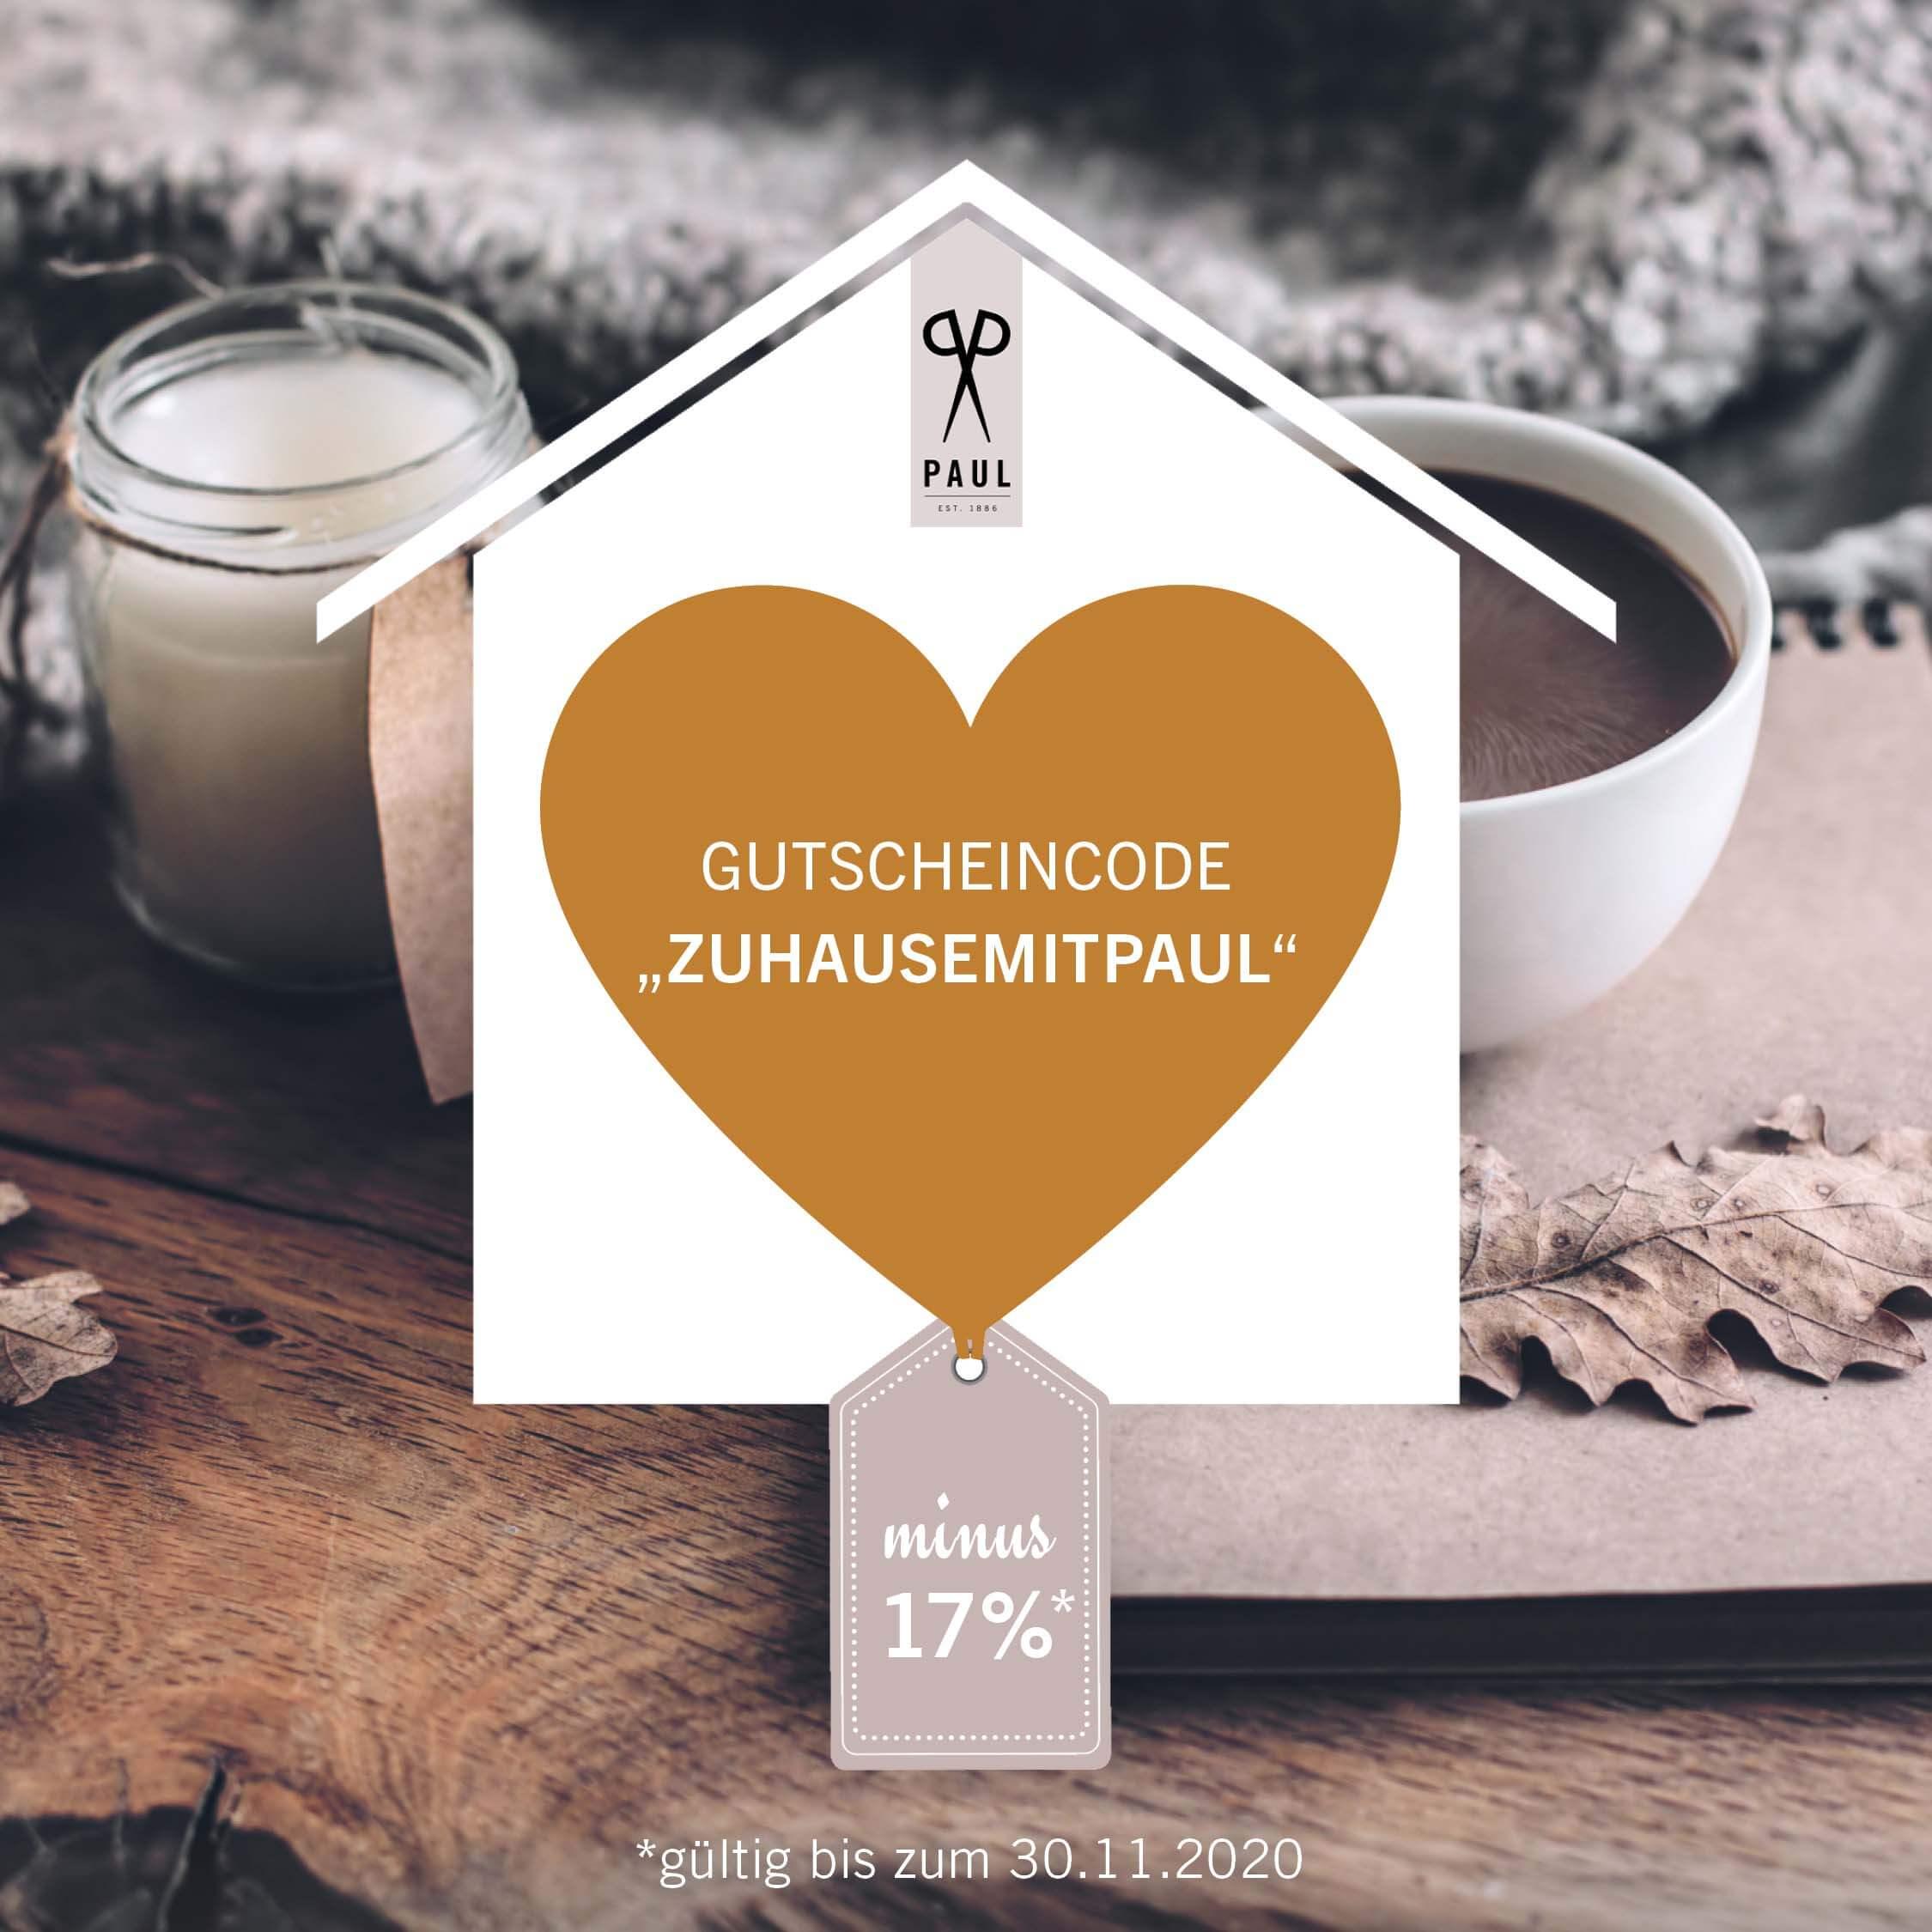 Zuhause-mit-PAUL-21M5dLQyWyp4un